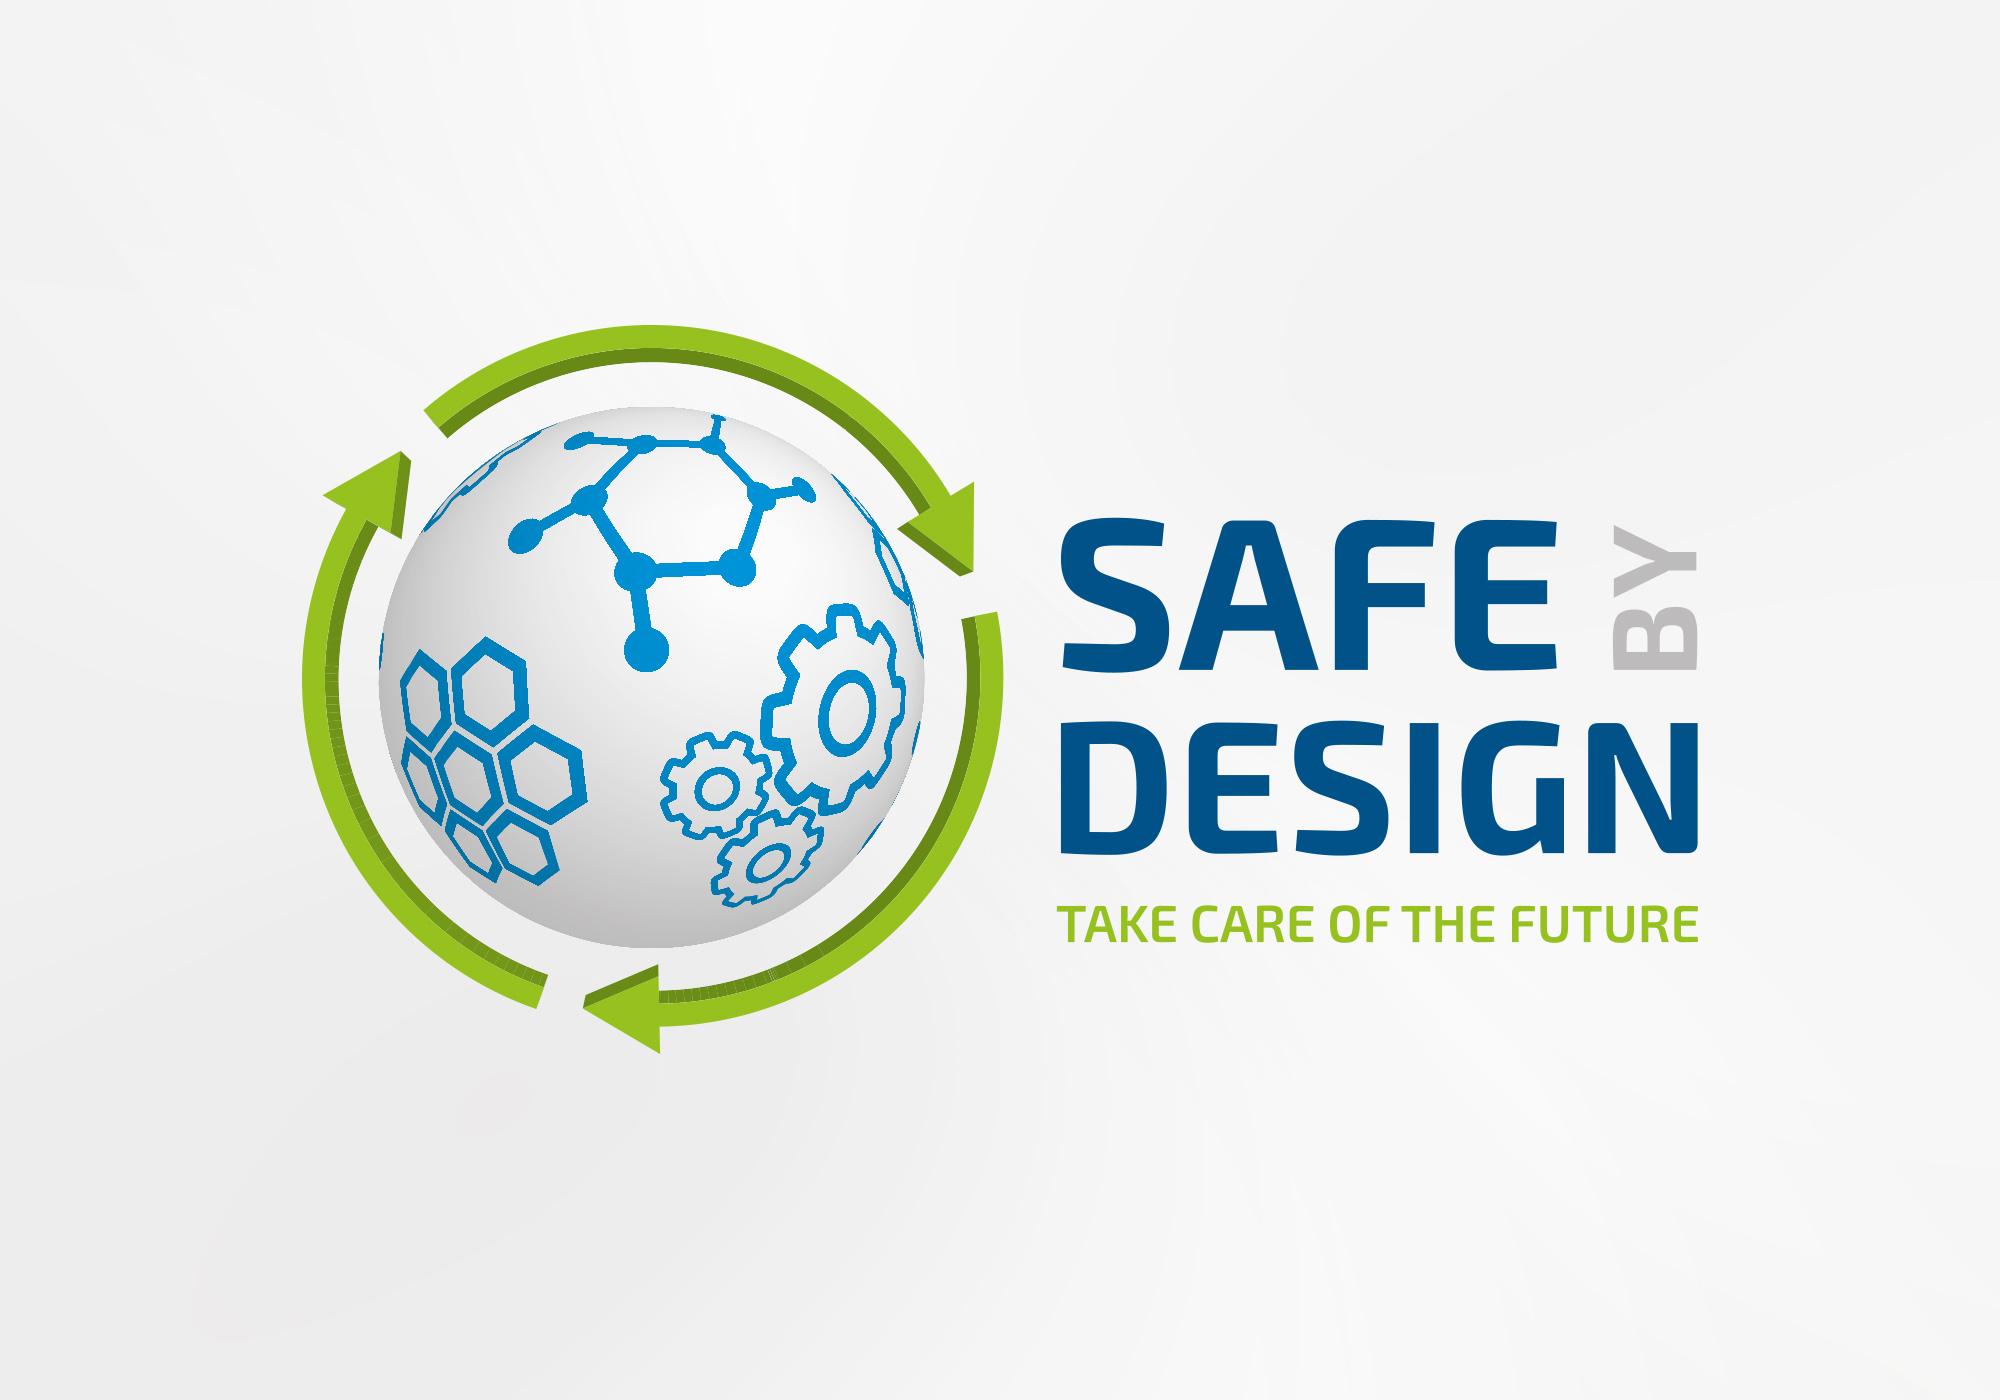 logo-safebydesign-ienw-ministerievaninfrastructuurenwaterstaat-rivm